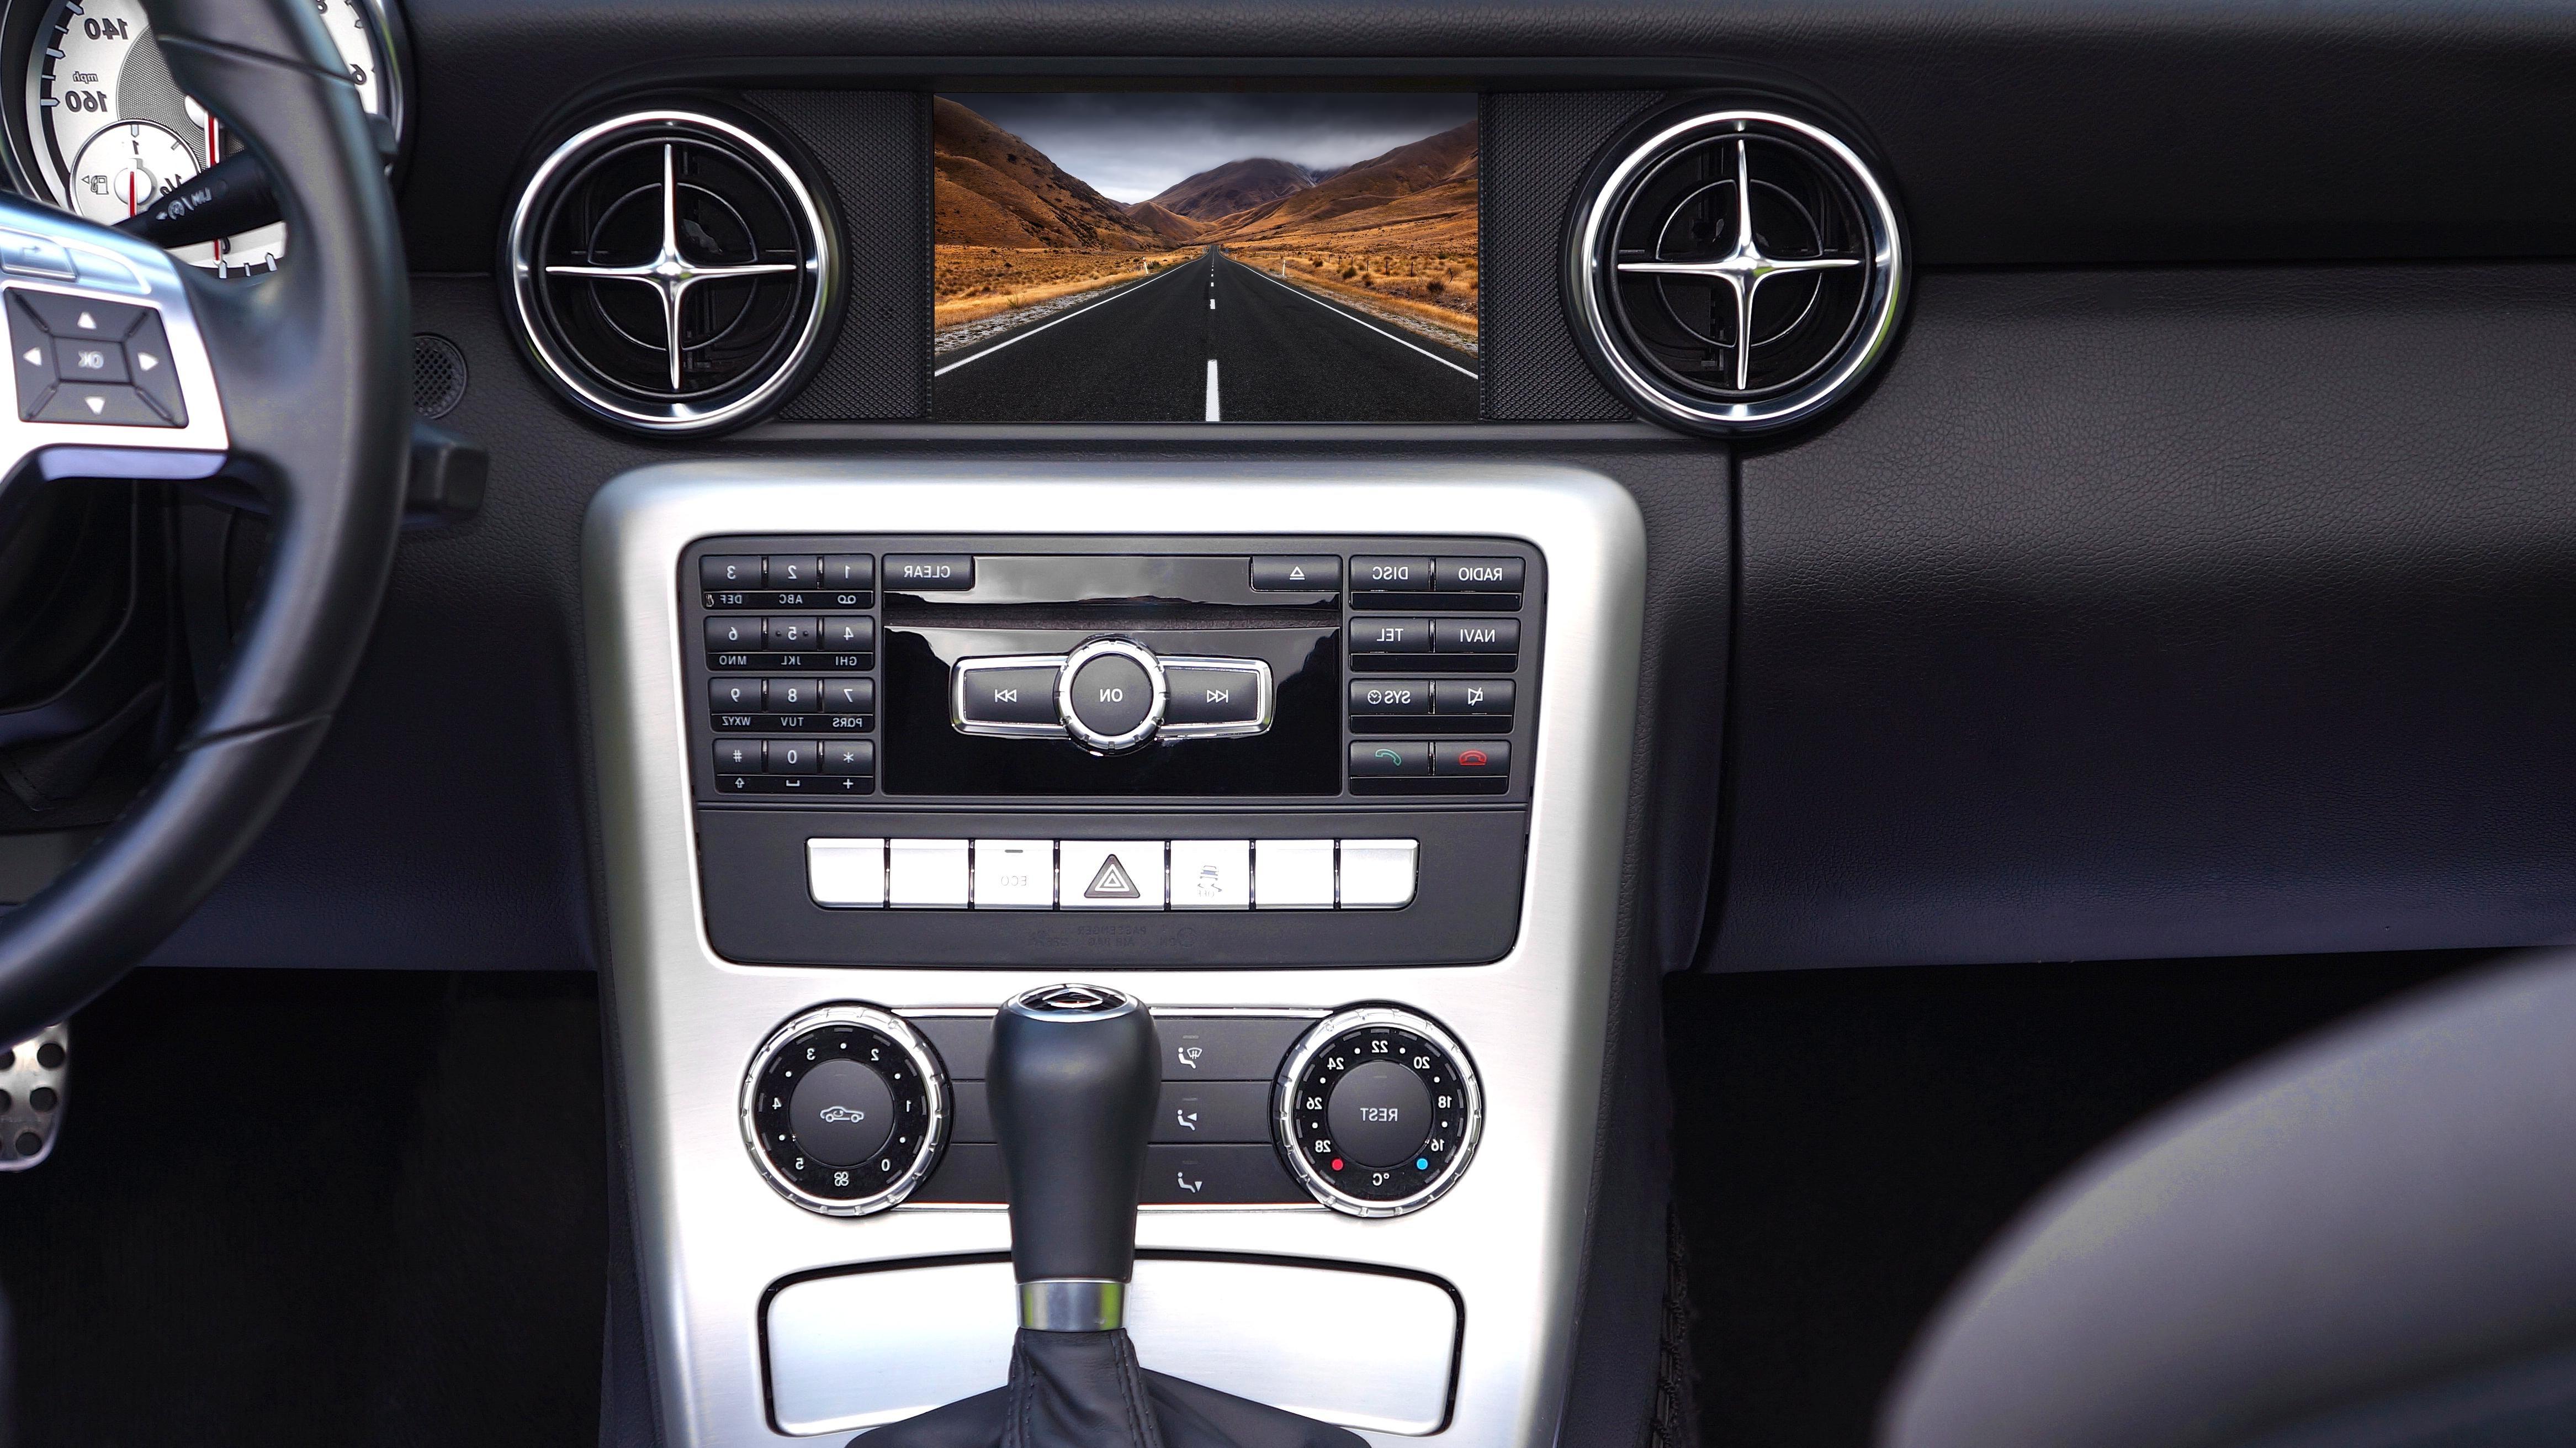 image libre tableau de bord voiture v hicule voiture compteur de vitesse contr le odom tre. Black Bedroom Furniture Sets. Home Design Ideas